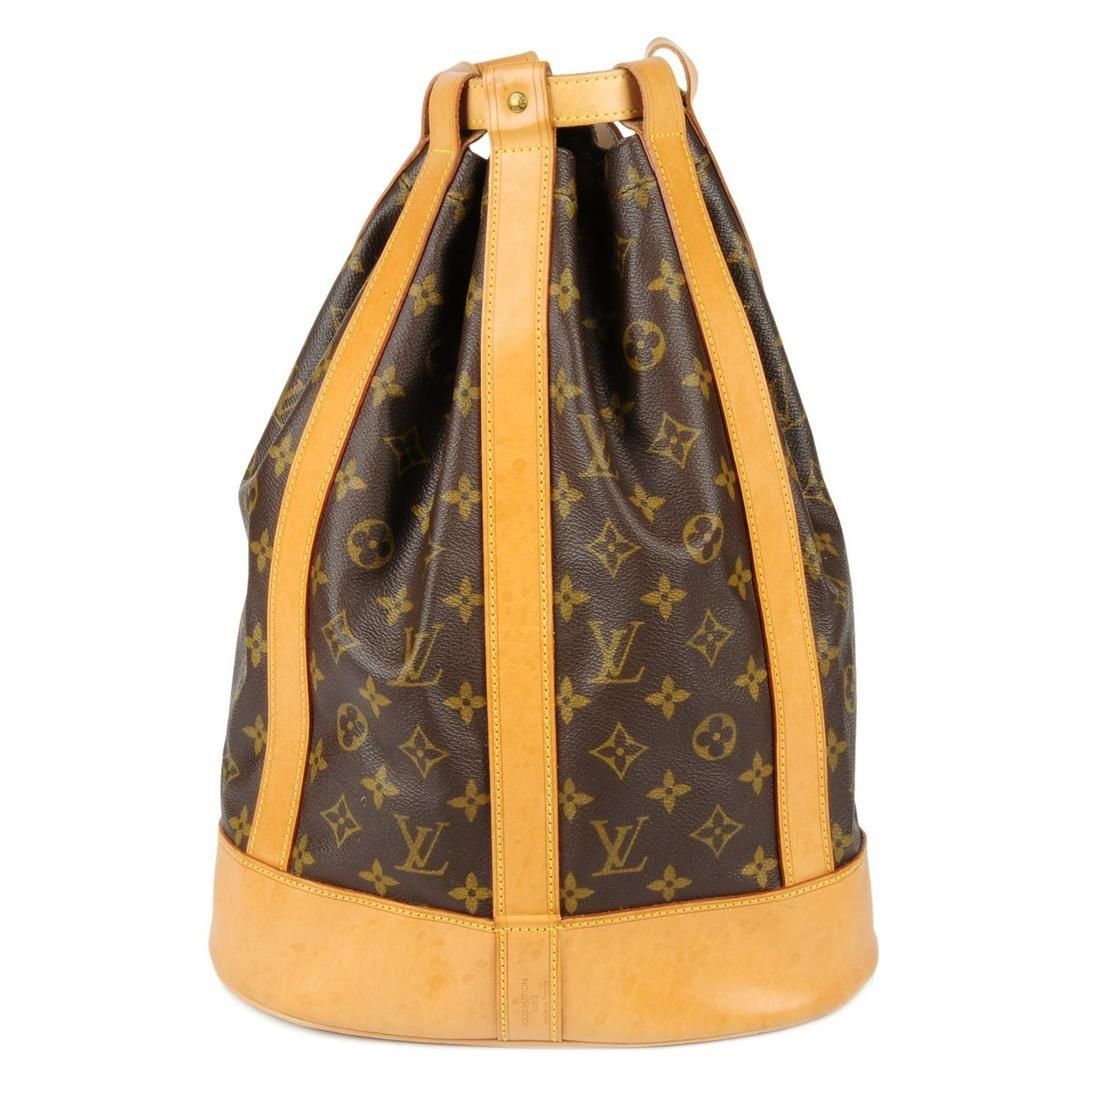 LOUIS VUITTON - a Monogram Randonnée PM backpack.